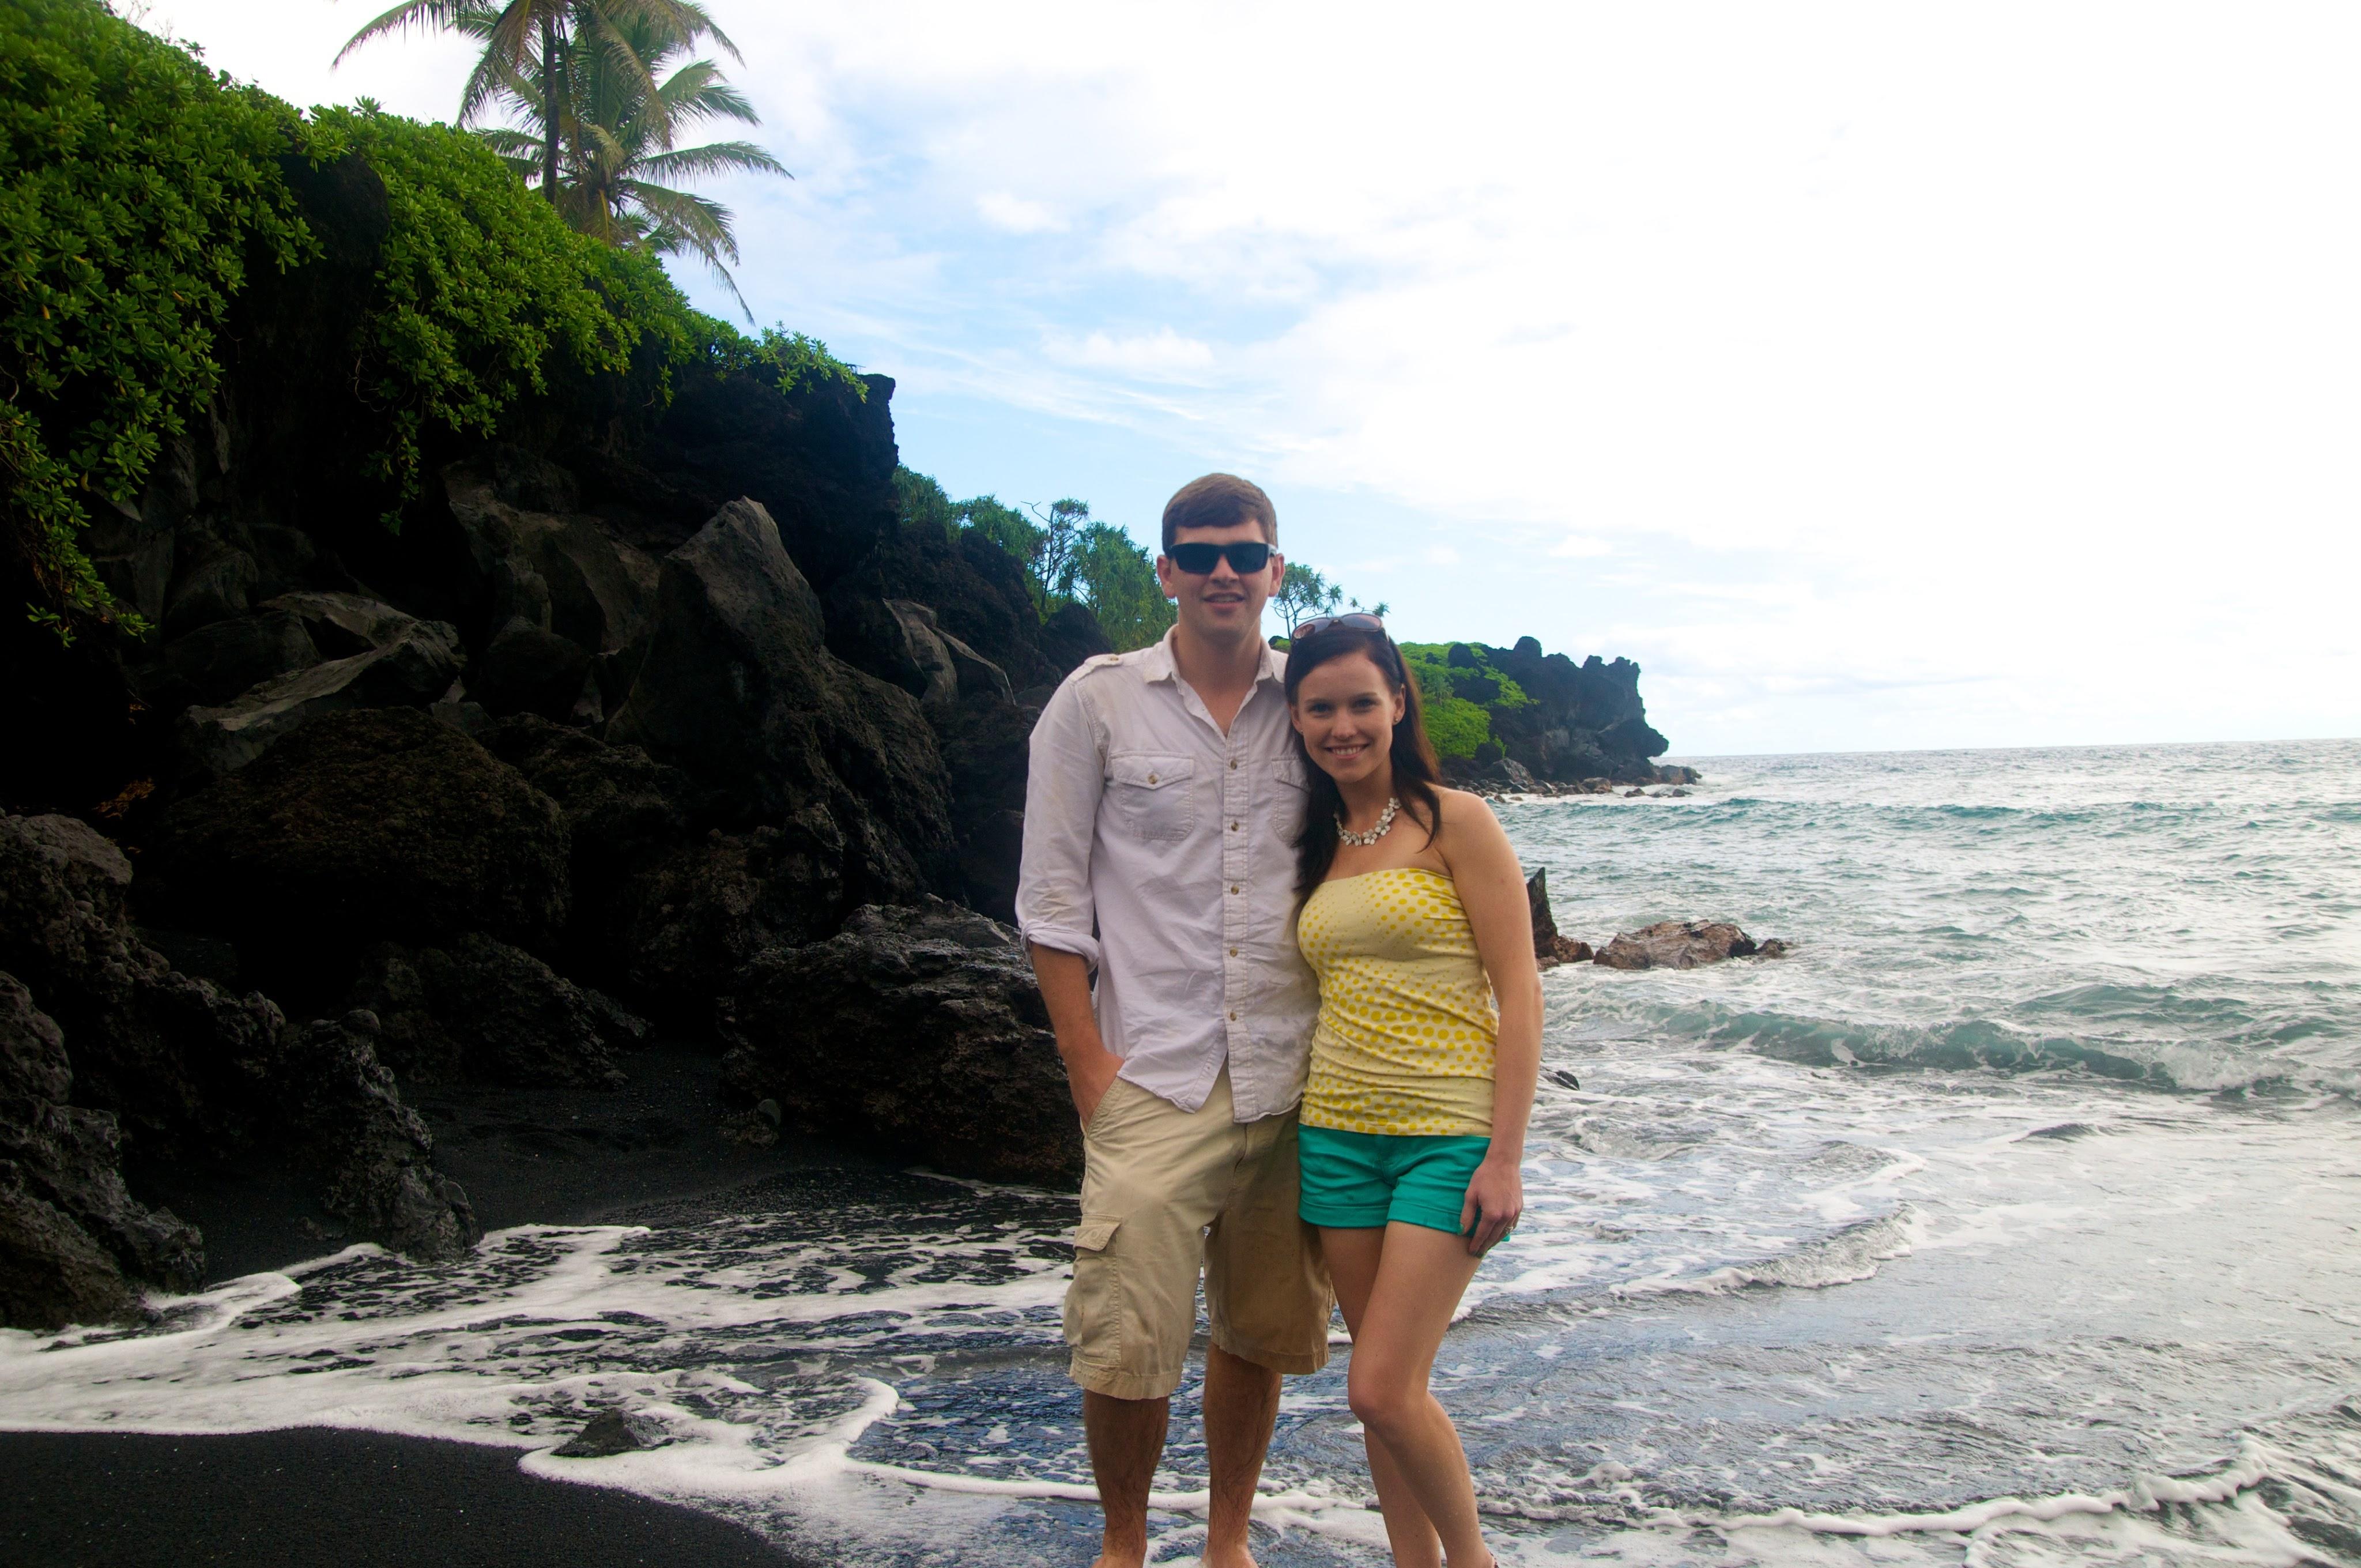 3 Island Romantic Getaway in Hawaii